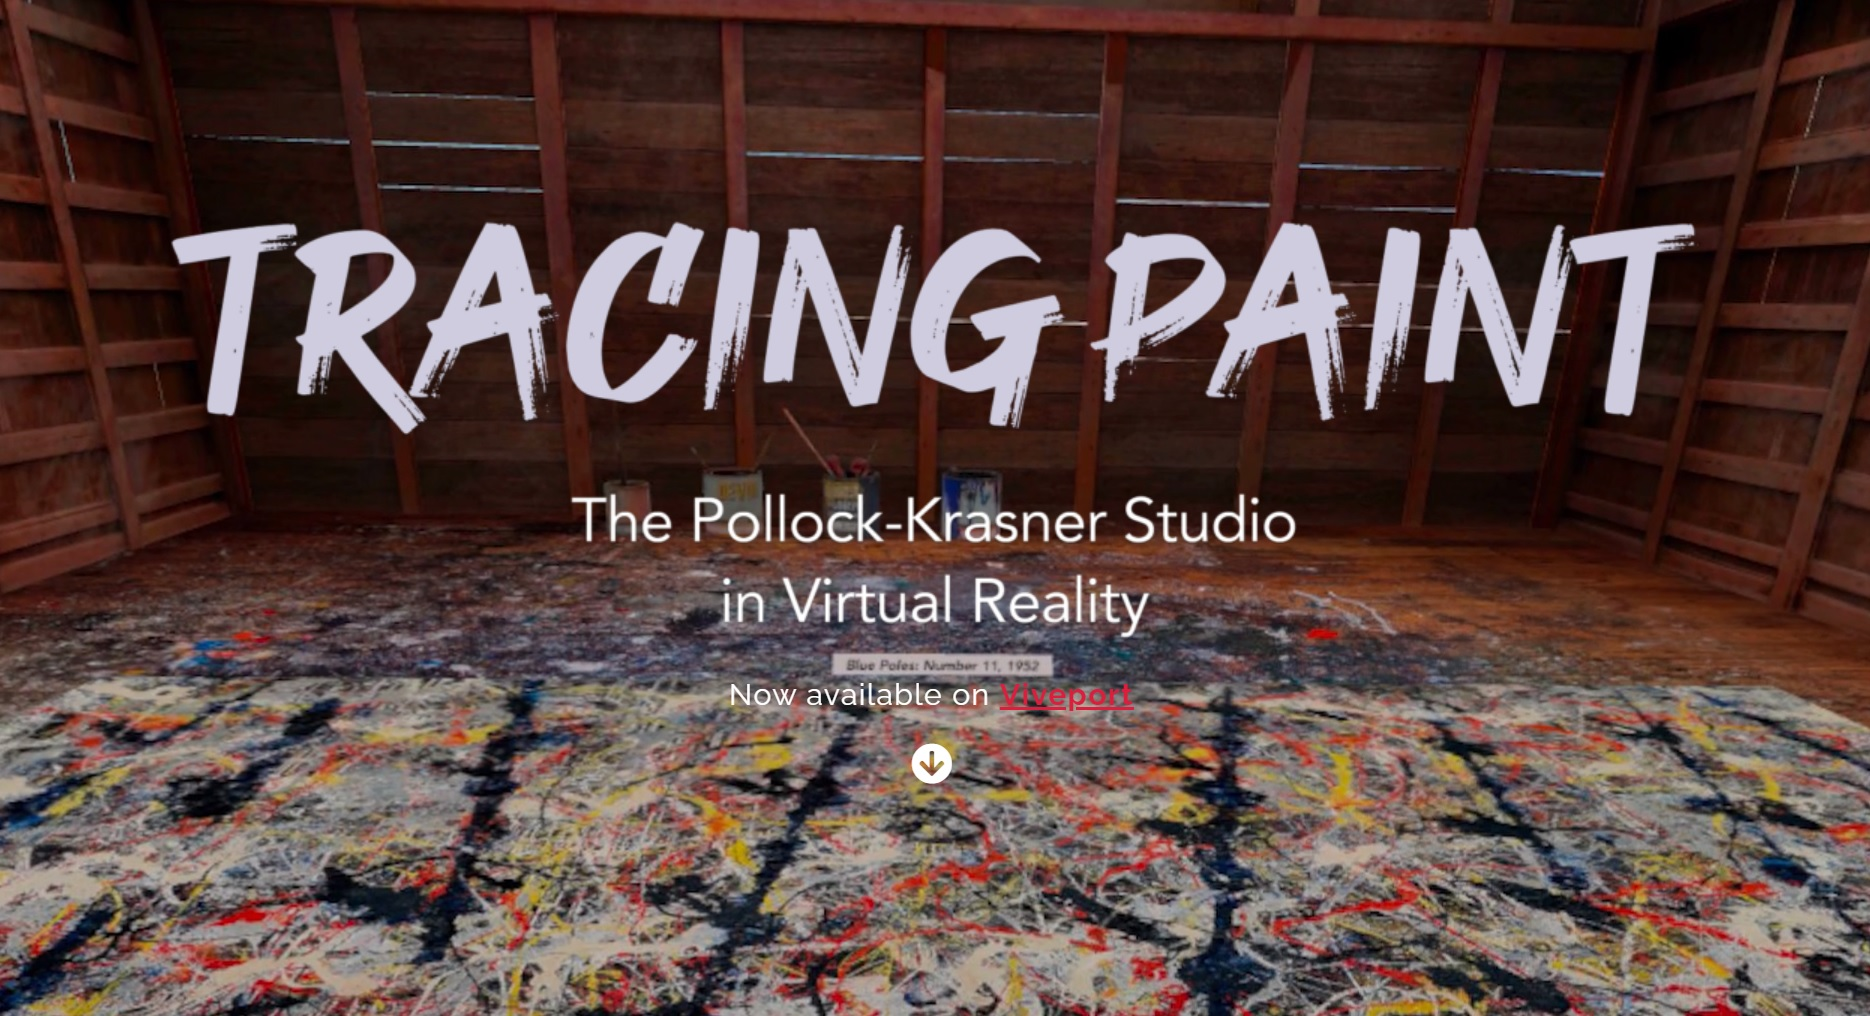 Odwiedź wirtualną pracownię, w której dwoje legendarnych malarzy ekspresjonizmu abstrakcyjnego zmieniło bieg historii sztuki